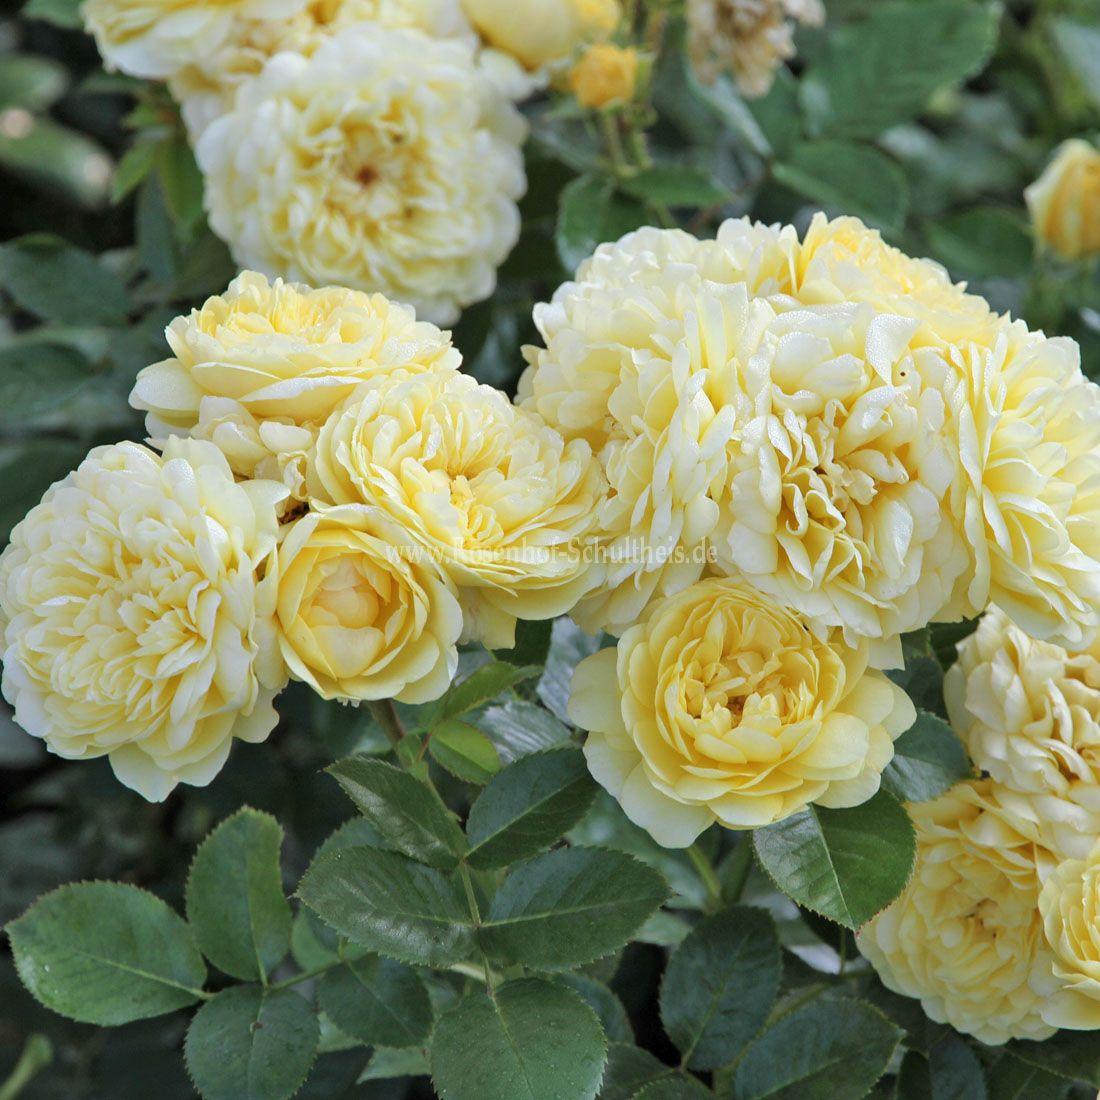 yellow meilove rosen online kaufen im rosenhof schultheis rosen online kaufen im rosenhof. Black Bedroom Furniture Sets. Home Design Ideas